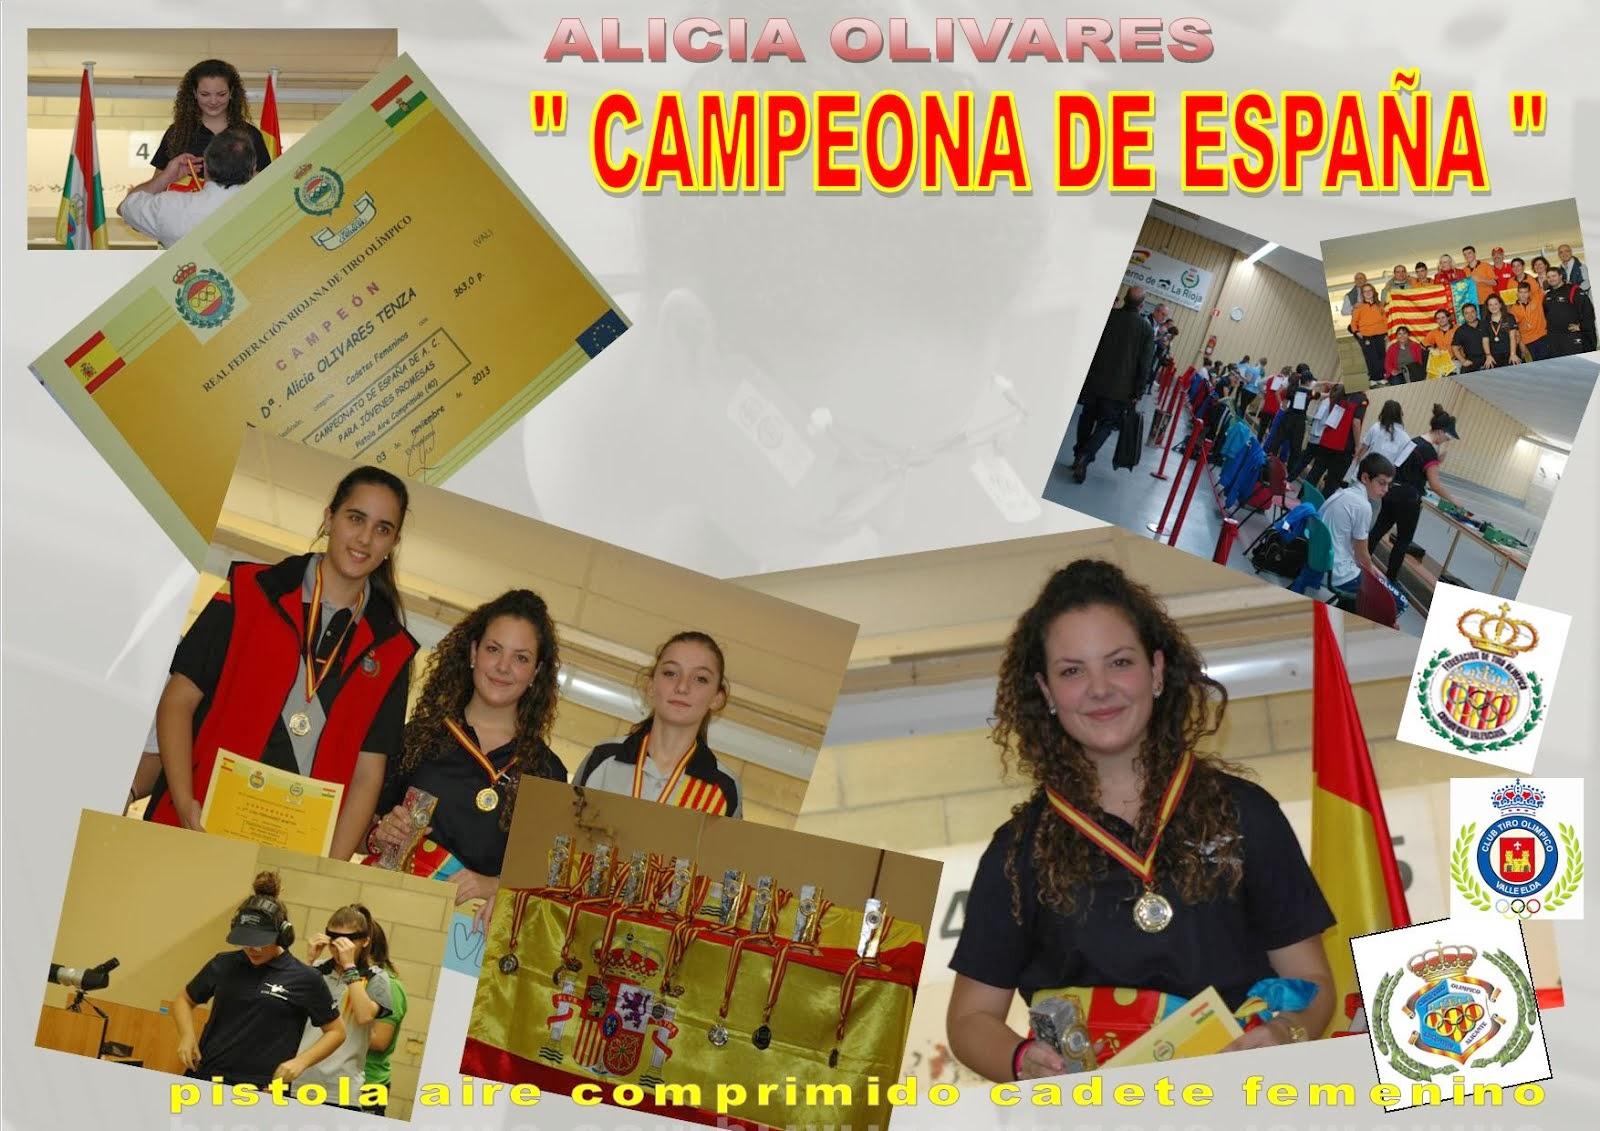 CAMPEONA DE ESPAÑA